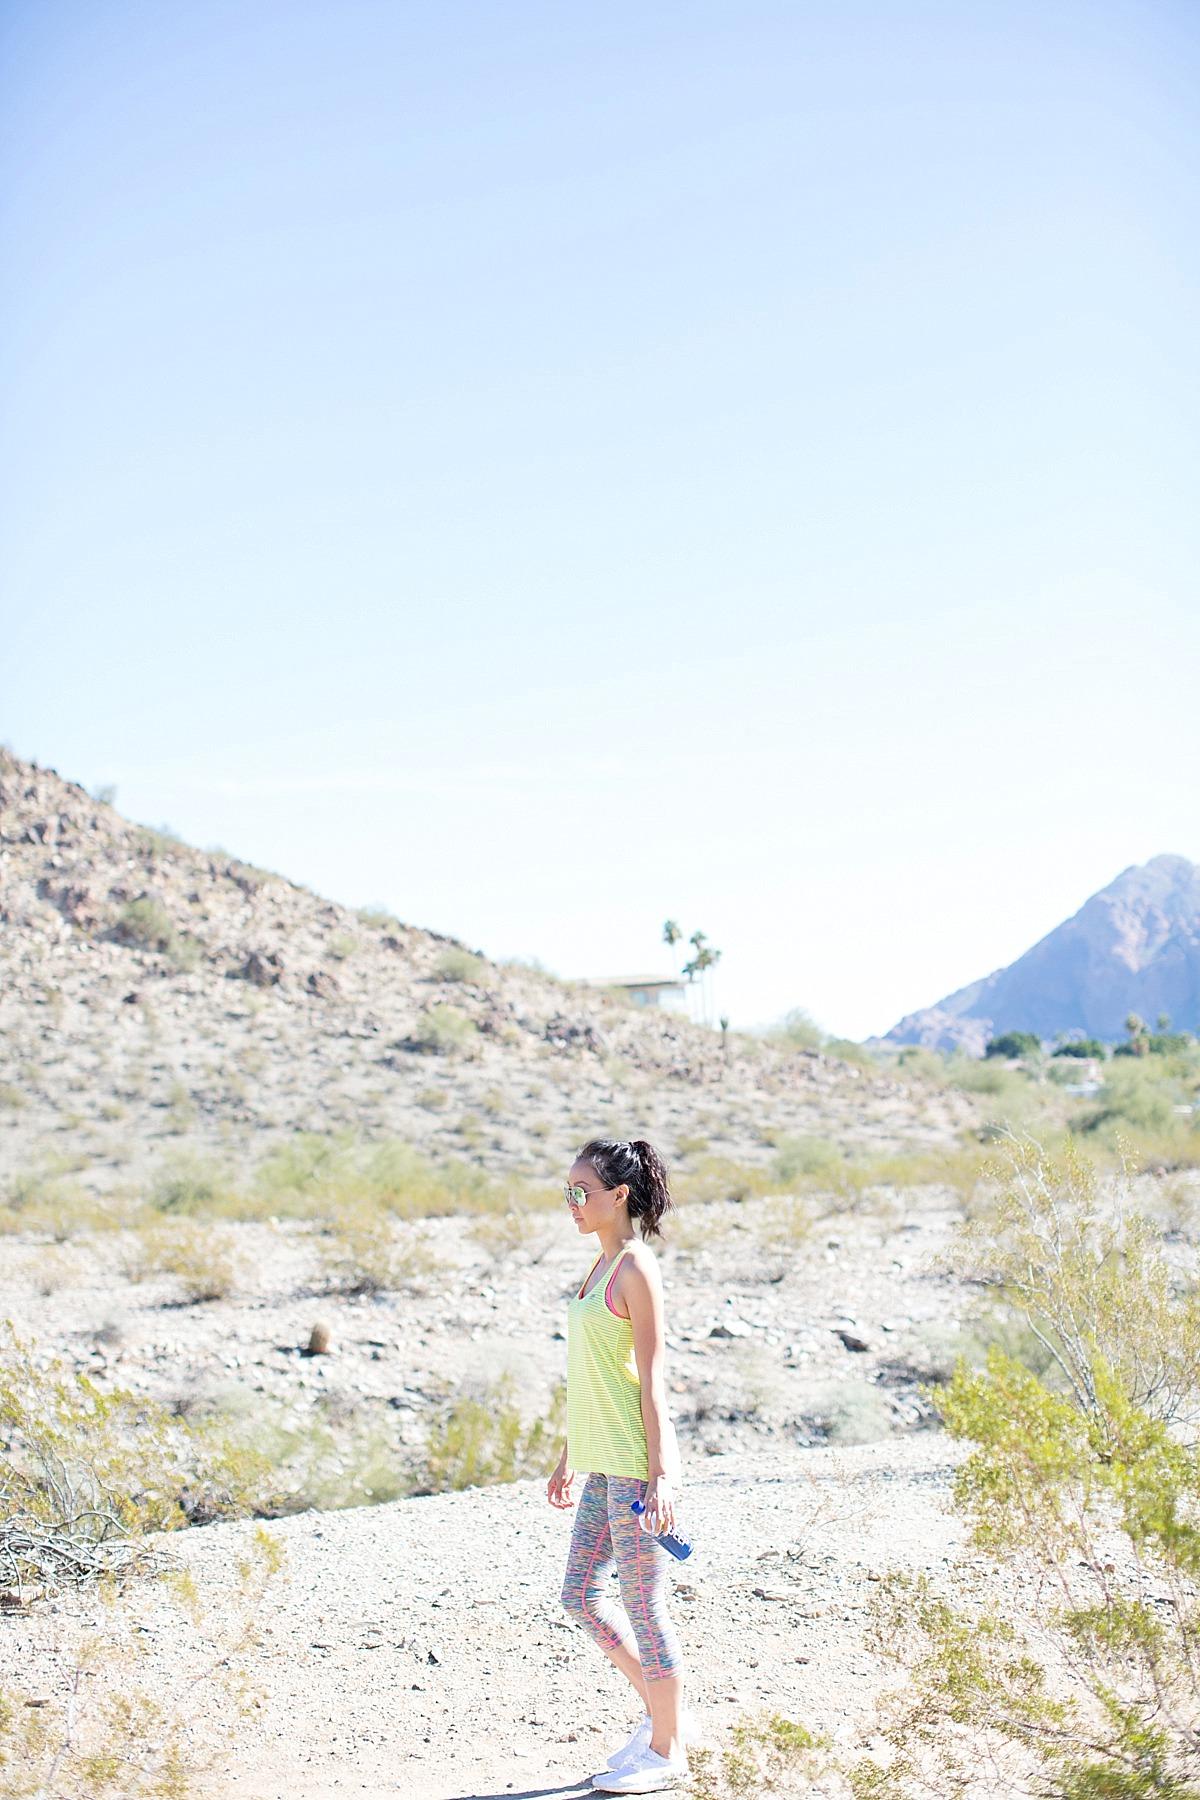 kona-deep-phoenix-lifestyle-blogger-2614